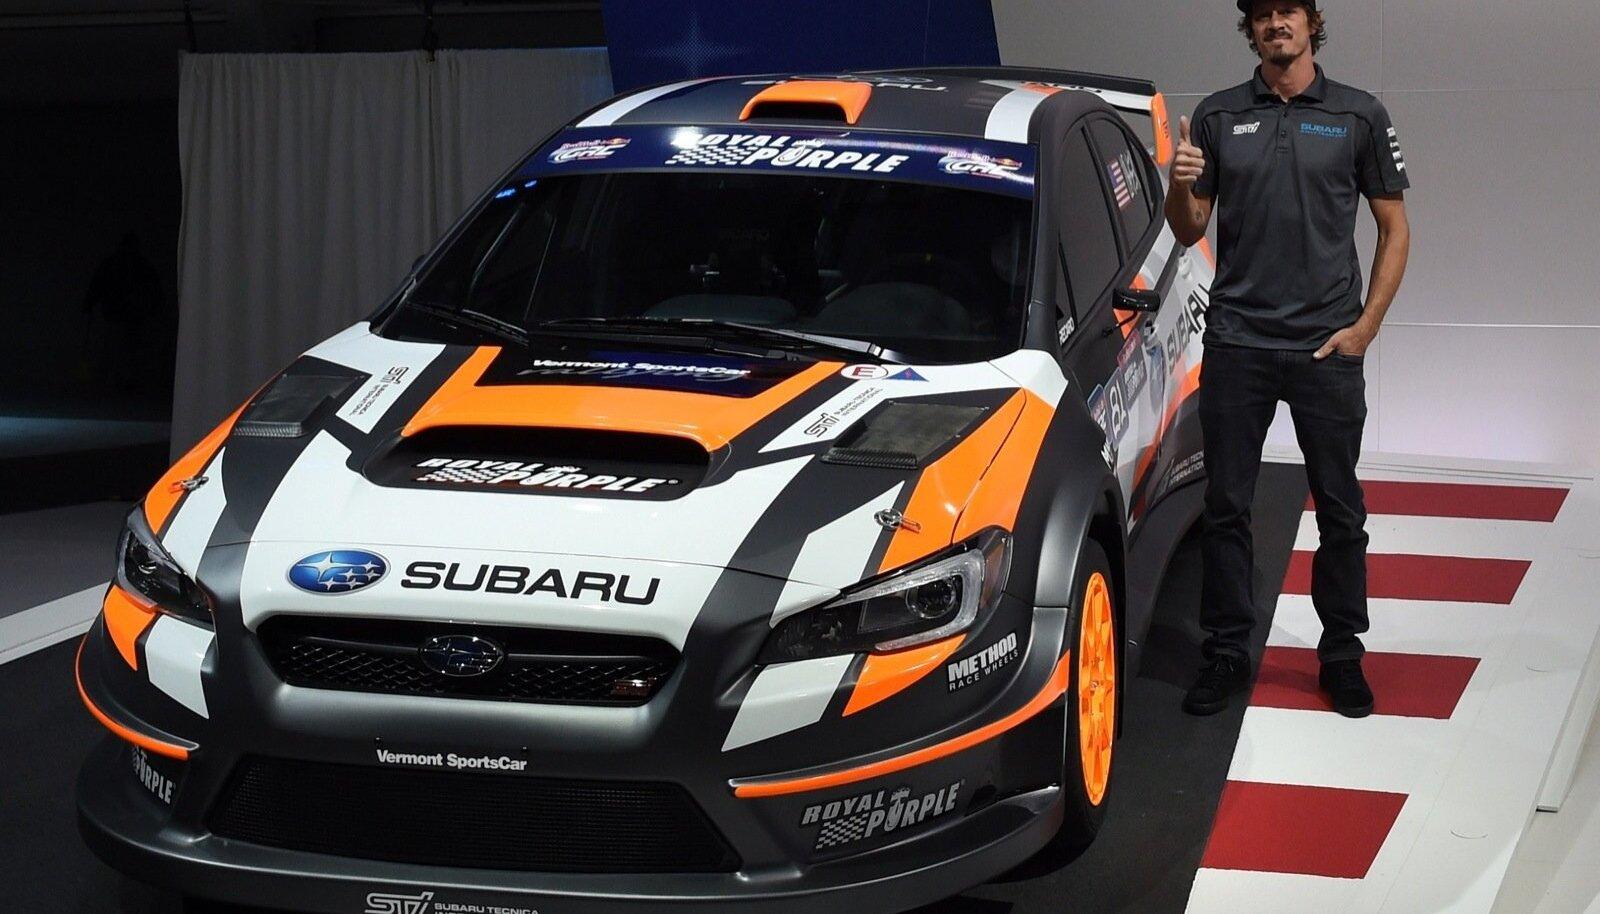 Kas Subaru tuleb tõesti tagasi ralli MM-sarja?